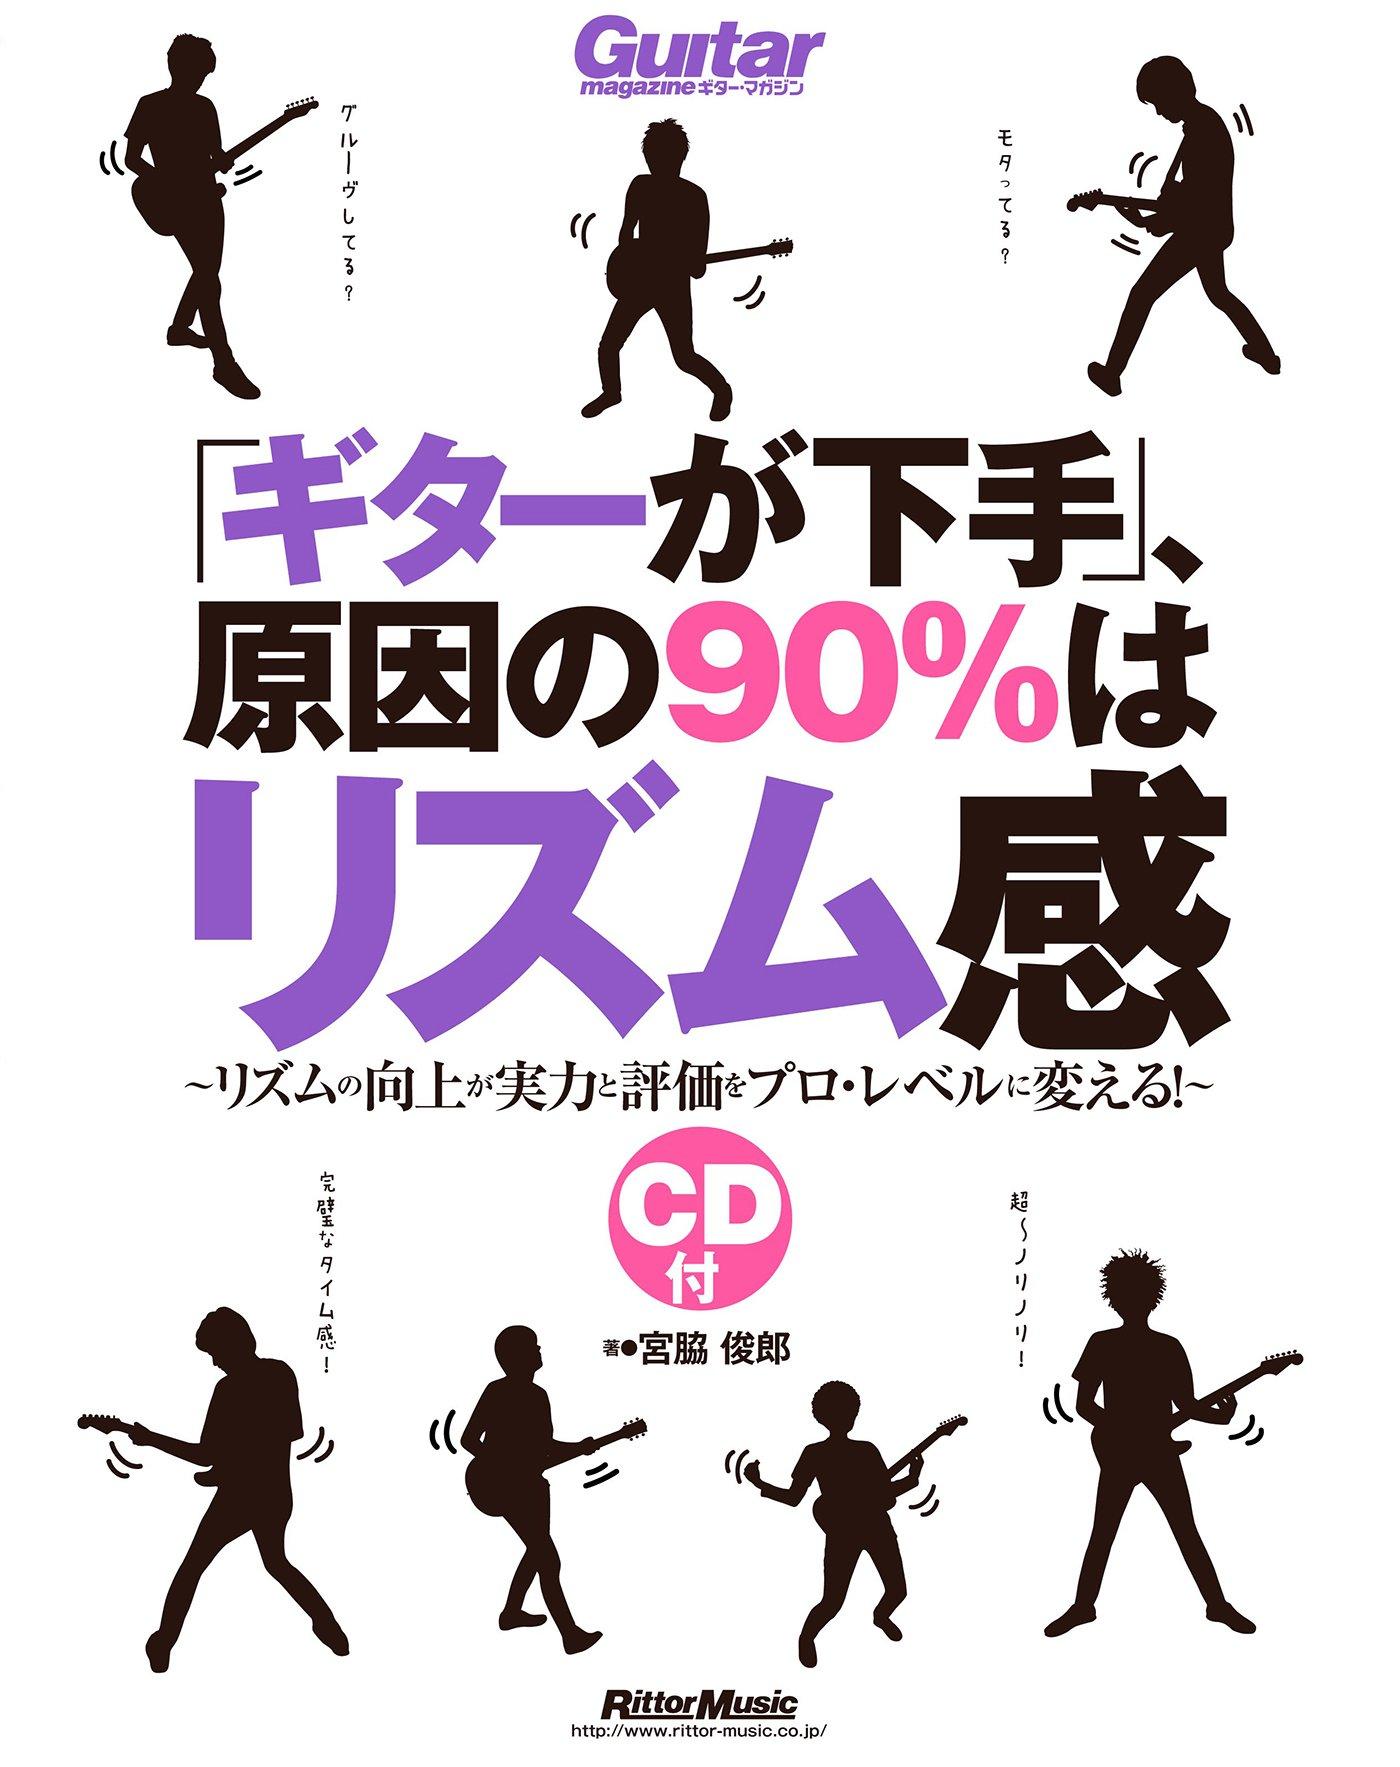 「ギターが下手」、原因の90%はリズム感 リズム向上が実力と評価をプロ・レベルに 宮脇俊郎 レビュー